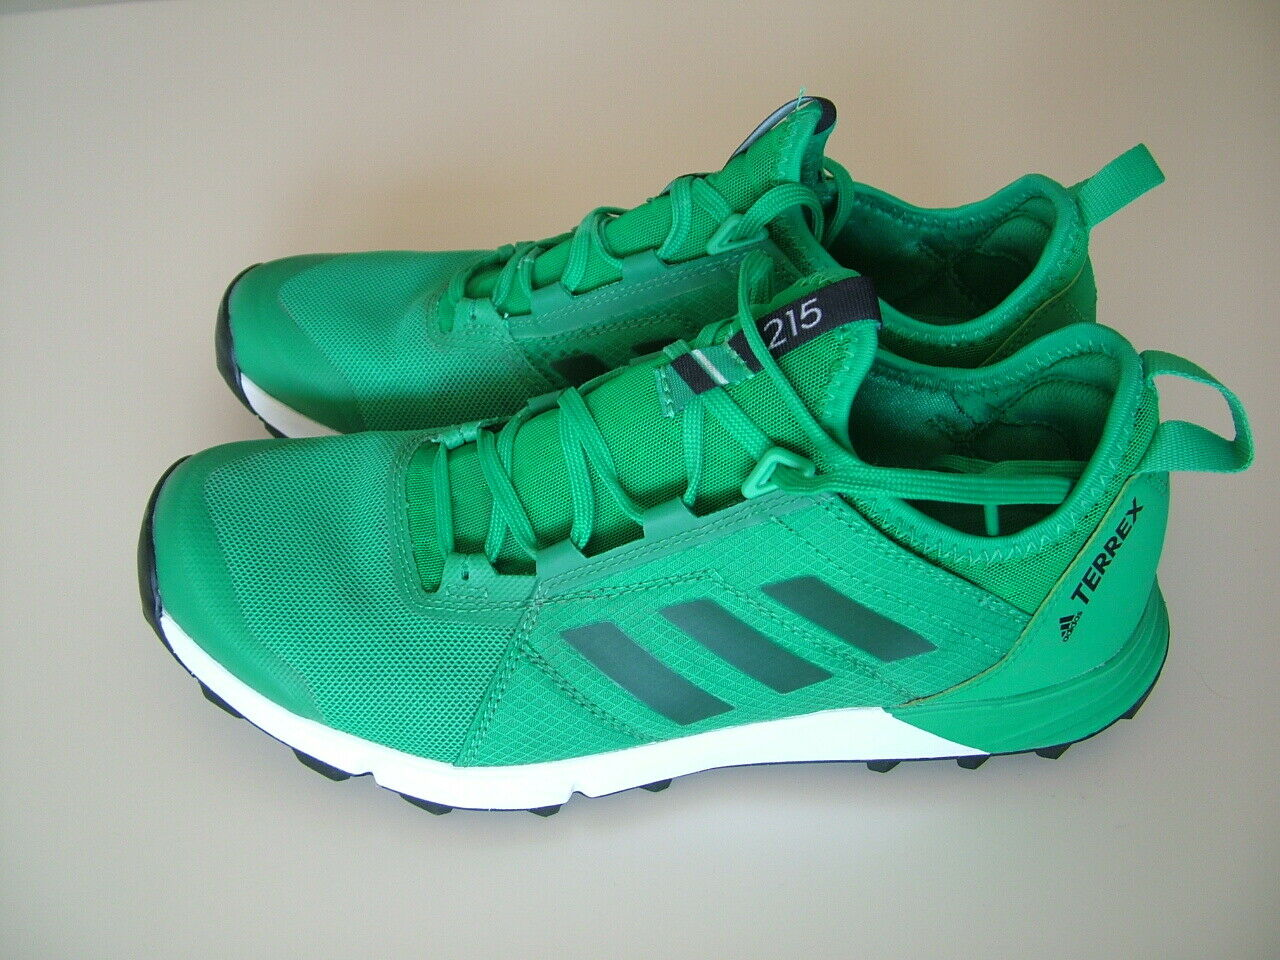 Adidas Terrex 215 al  aire libre zapatos 41 1 3  barato y de alta calidad